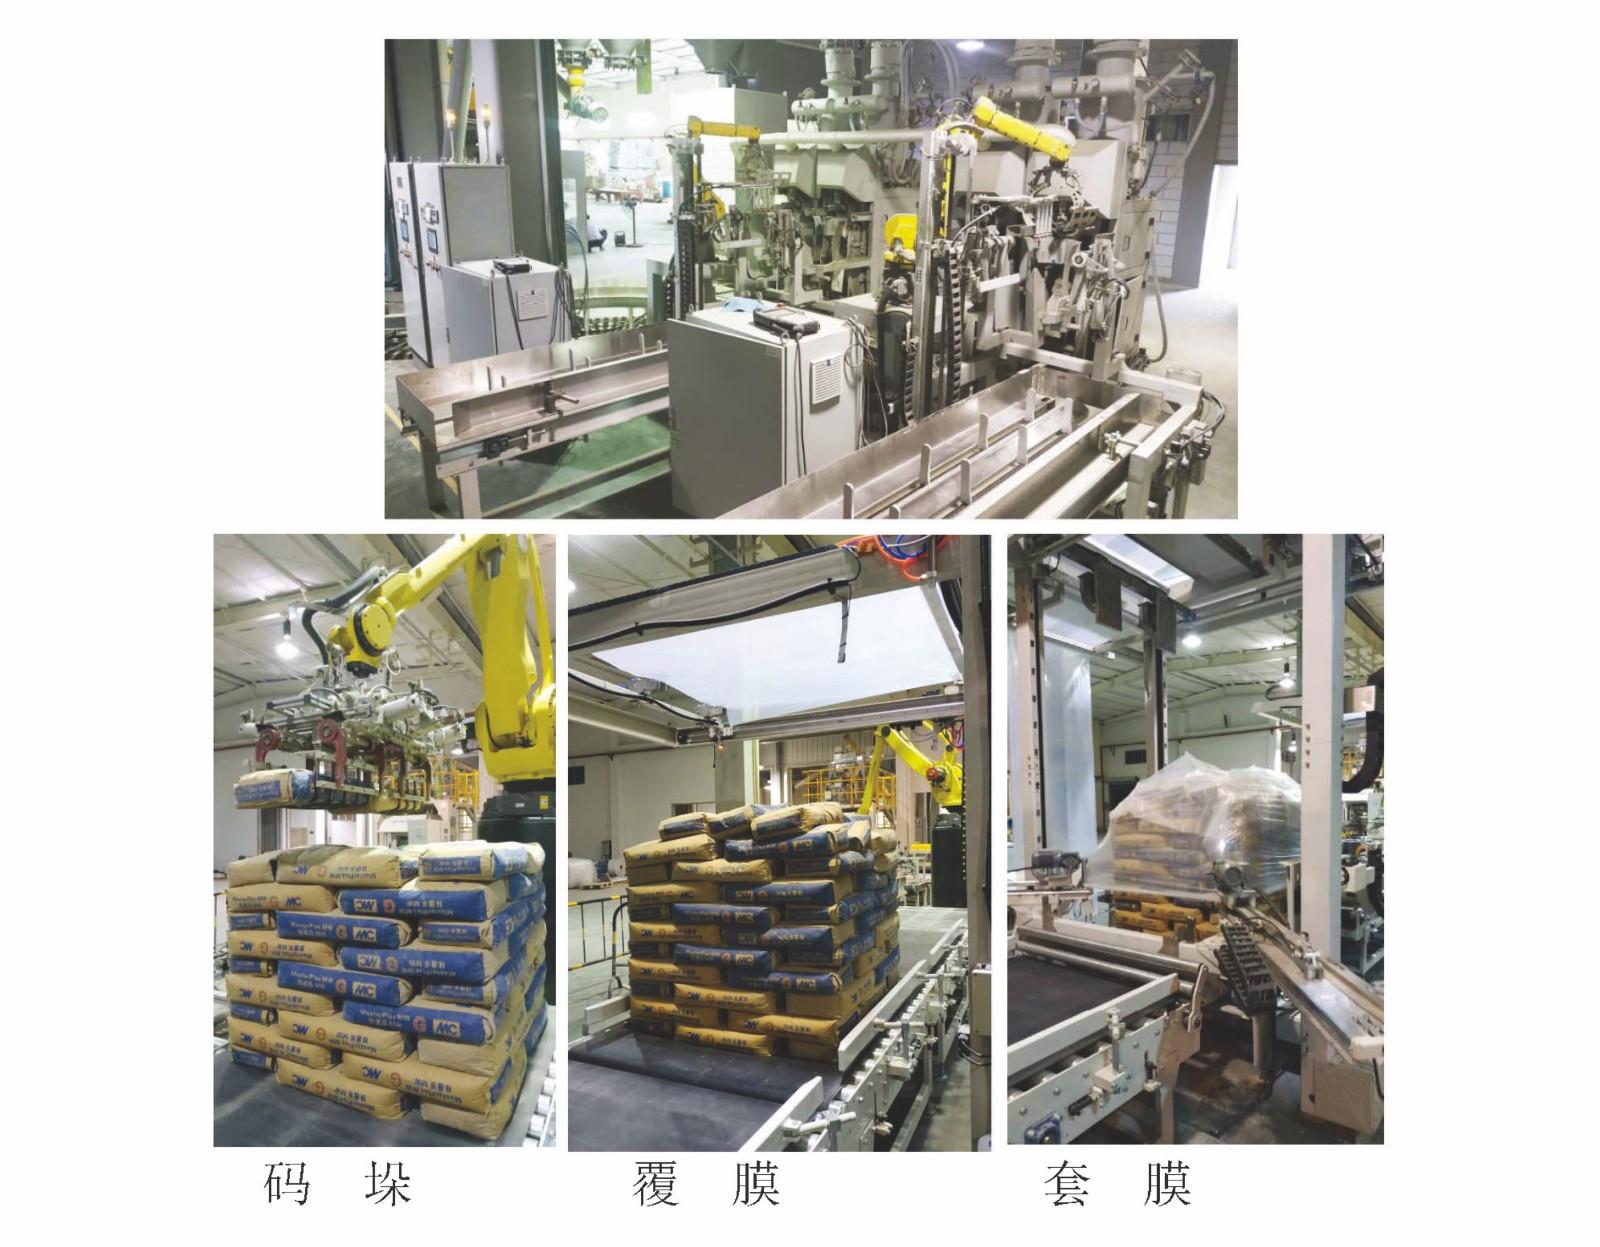 抗裂砂浆生产设备——自动装袋、套膜、码垛.jpg